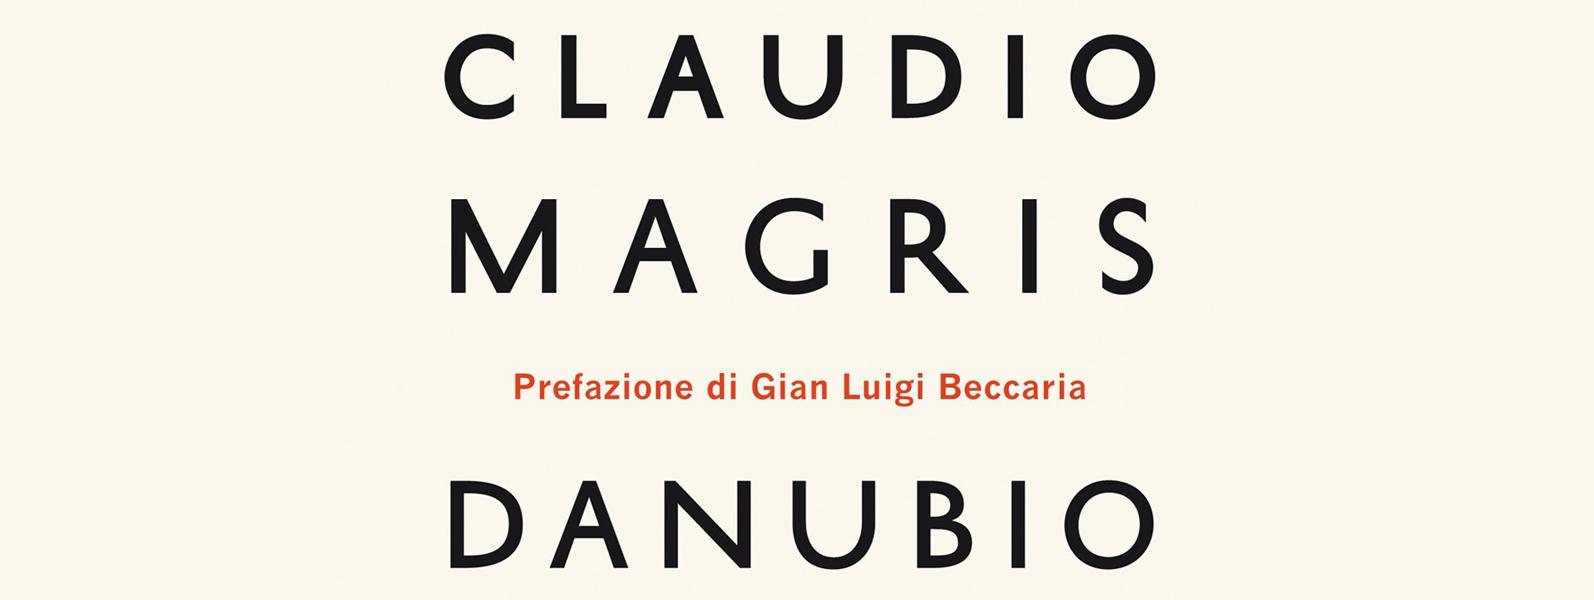 """""""Danubio"""" Claudio Magris"""